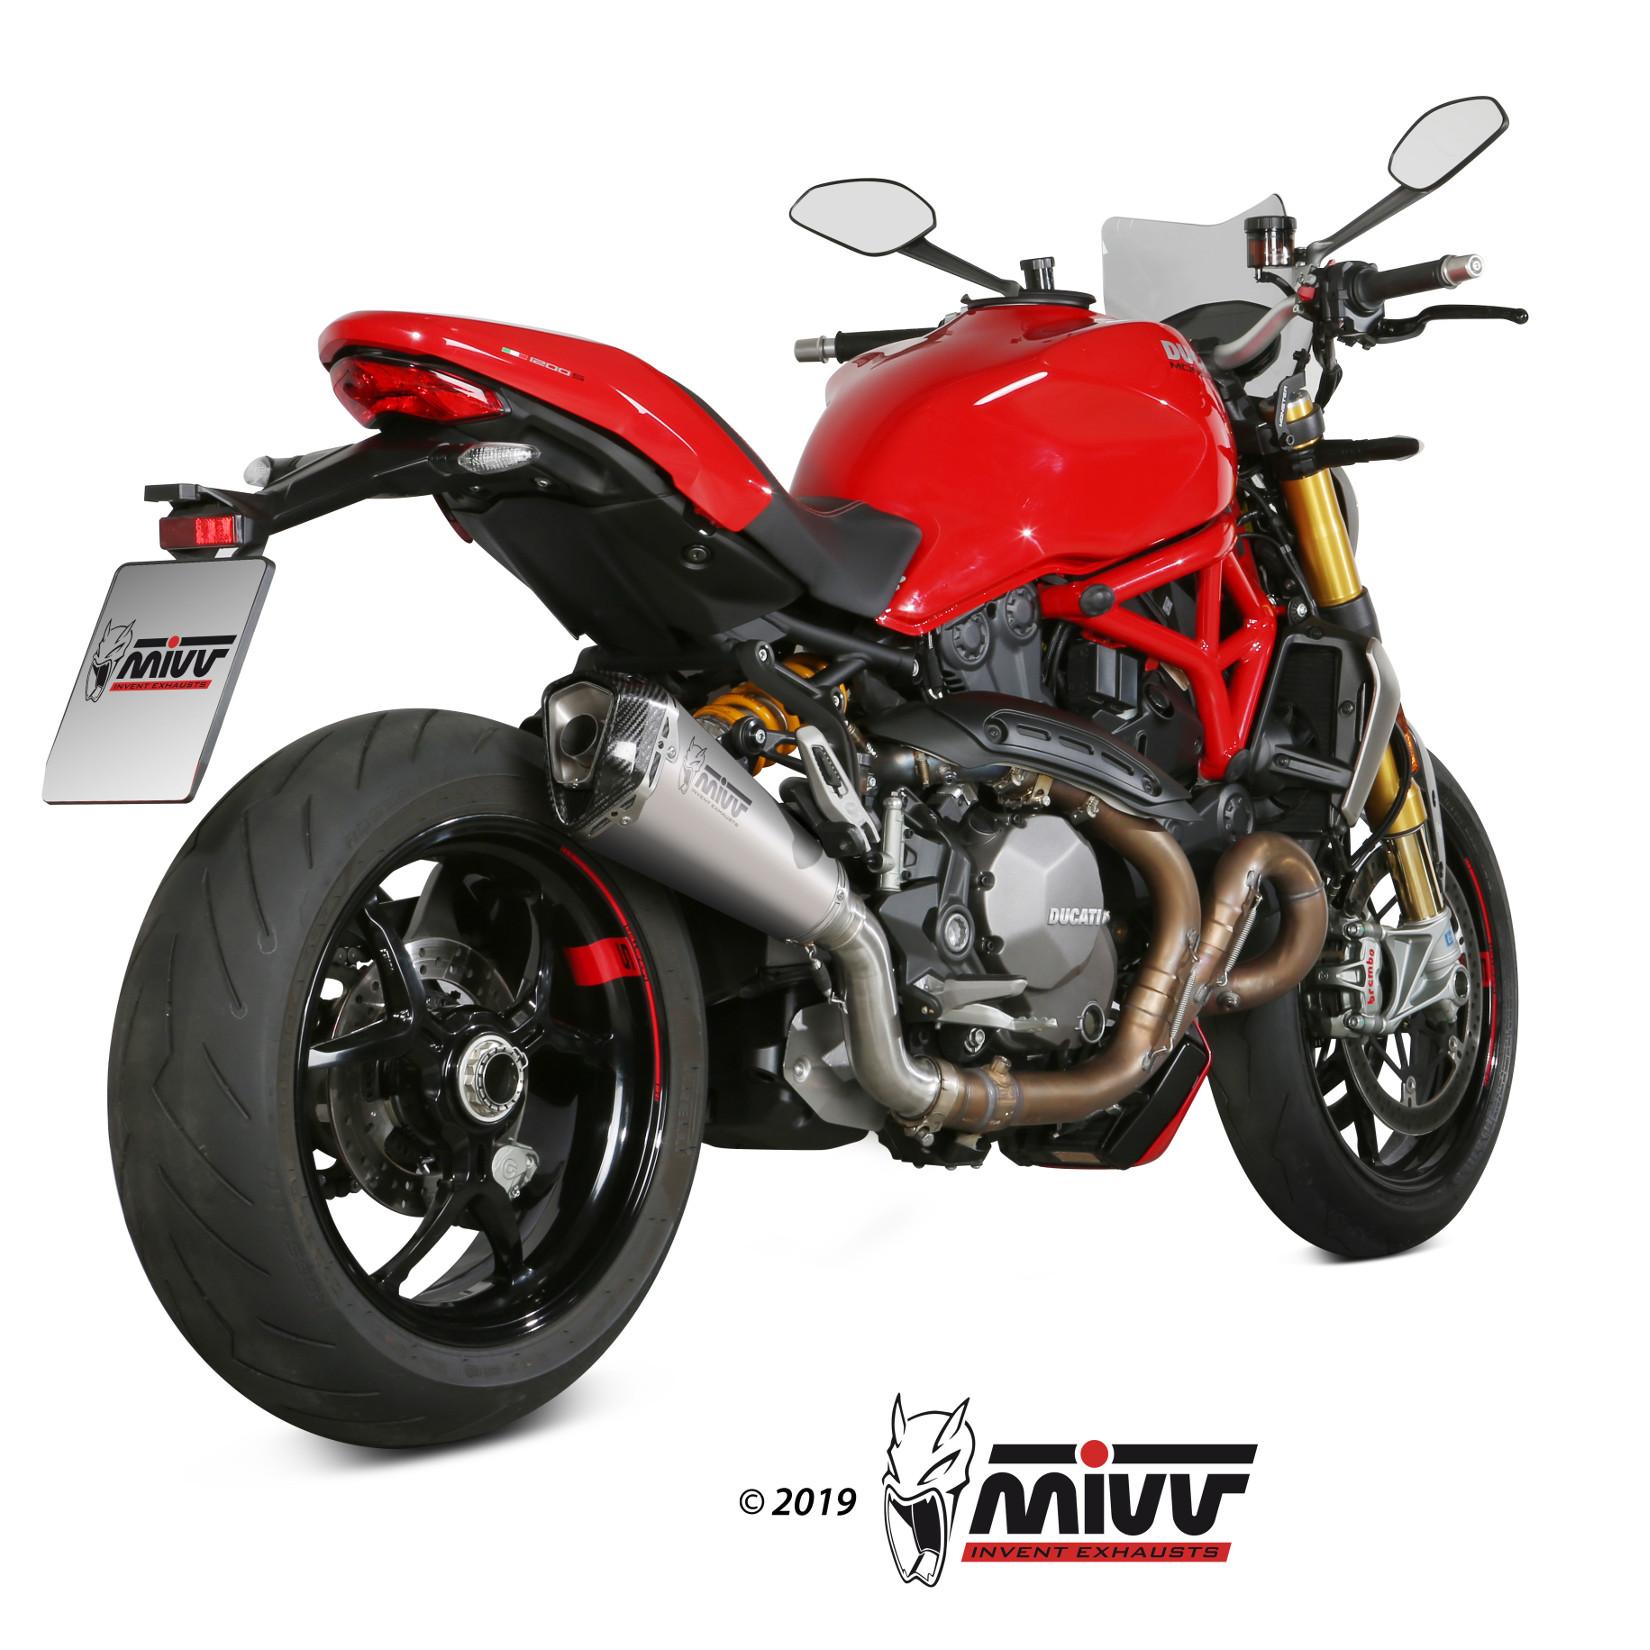 Ducati Monster 1200 S Black on Black, la naked per eccellenza si tinge di nero per il 2020